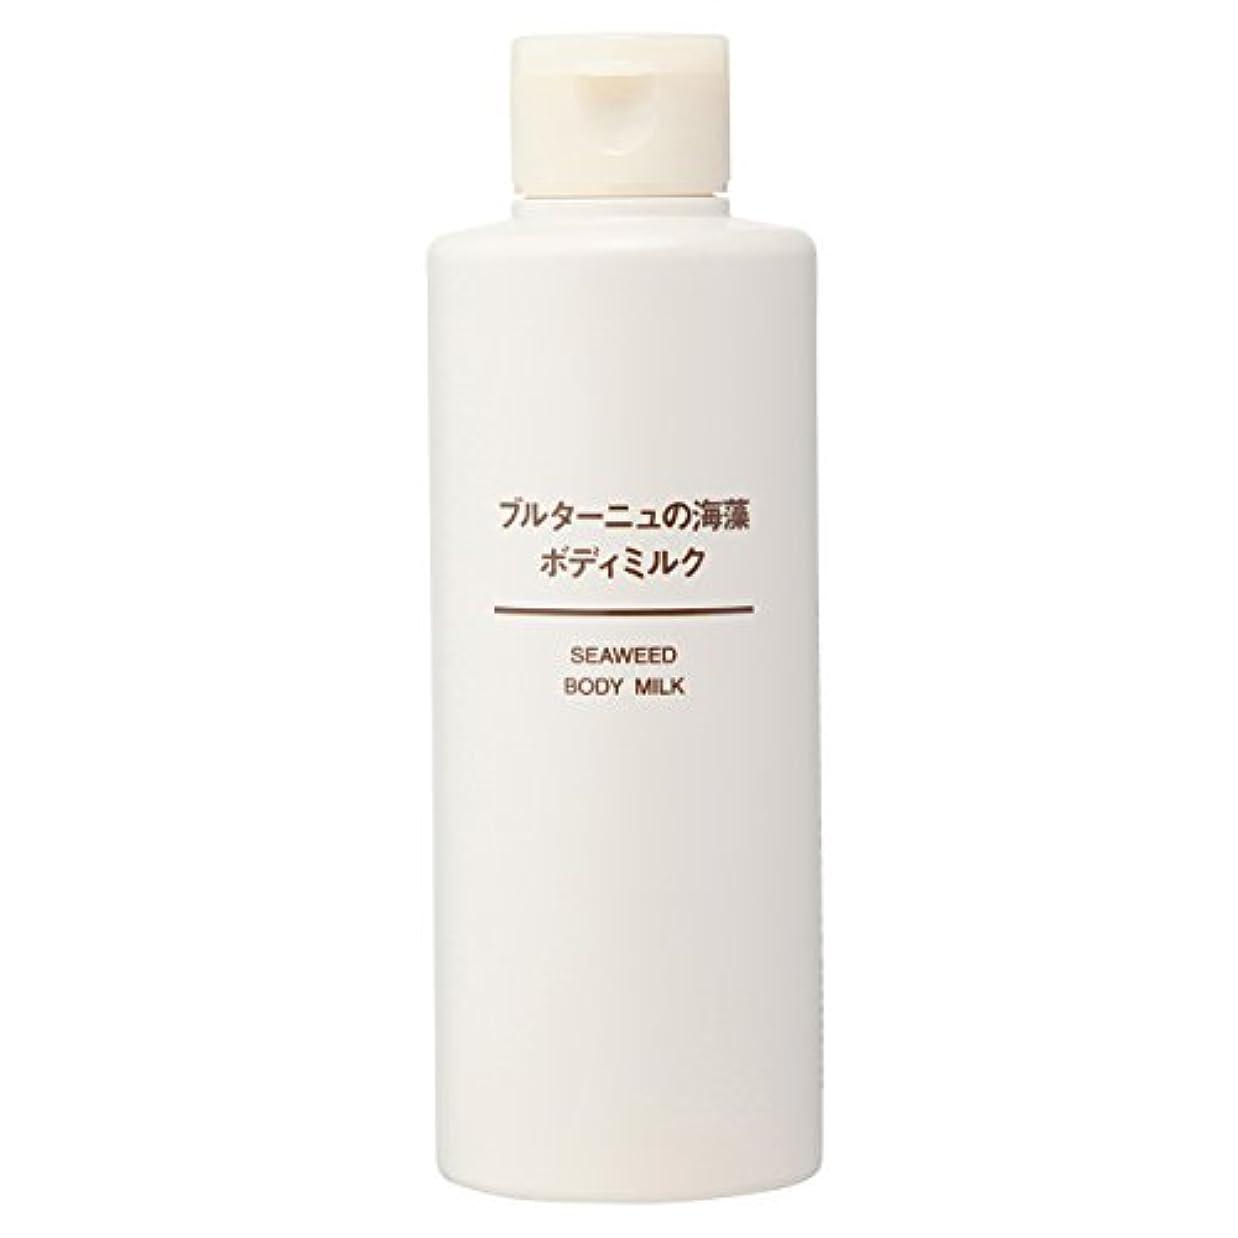 呼吸ぶどう一族無印良品 ブルターニュの海藻 ボディミルク 200ml 日本製